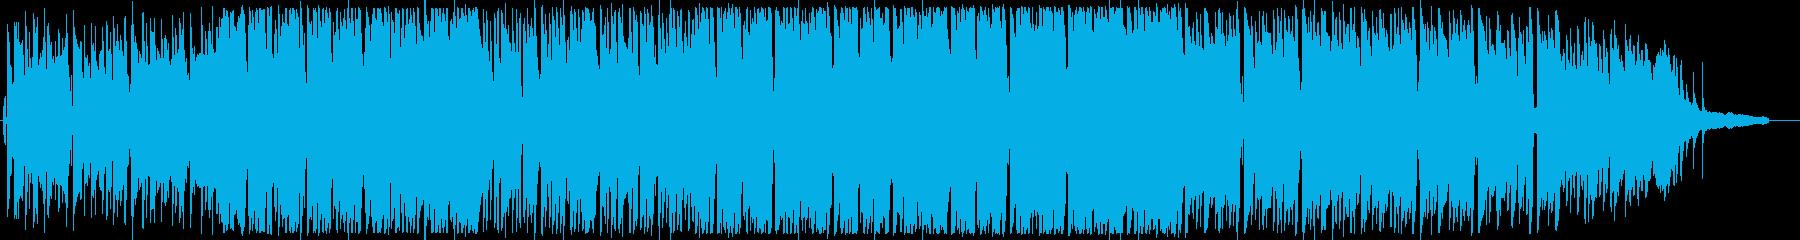 【アニメ, PV】元気溢れるピアノロックの再生済みの波形